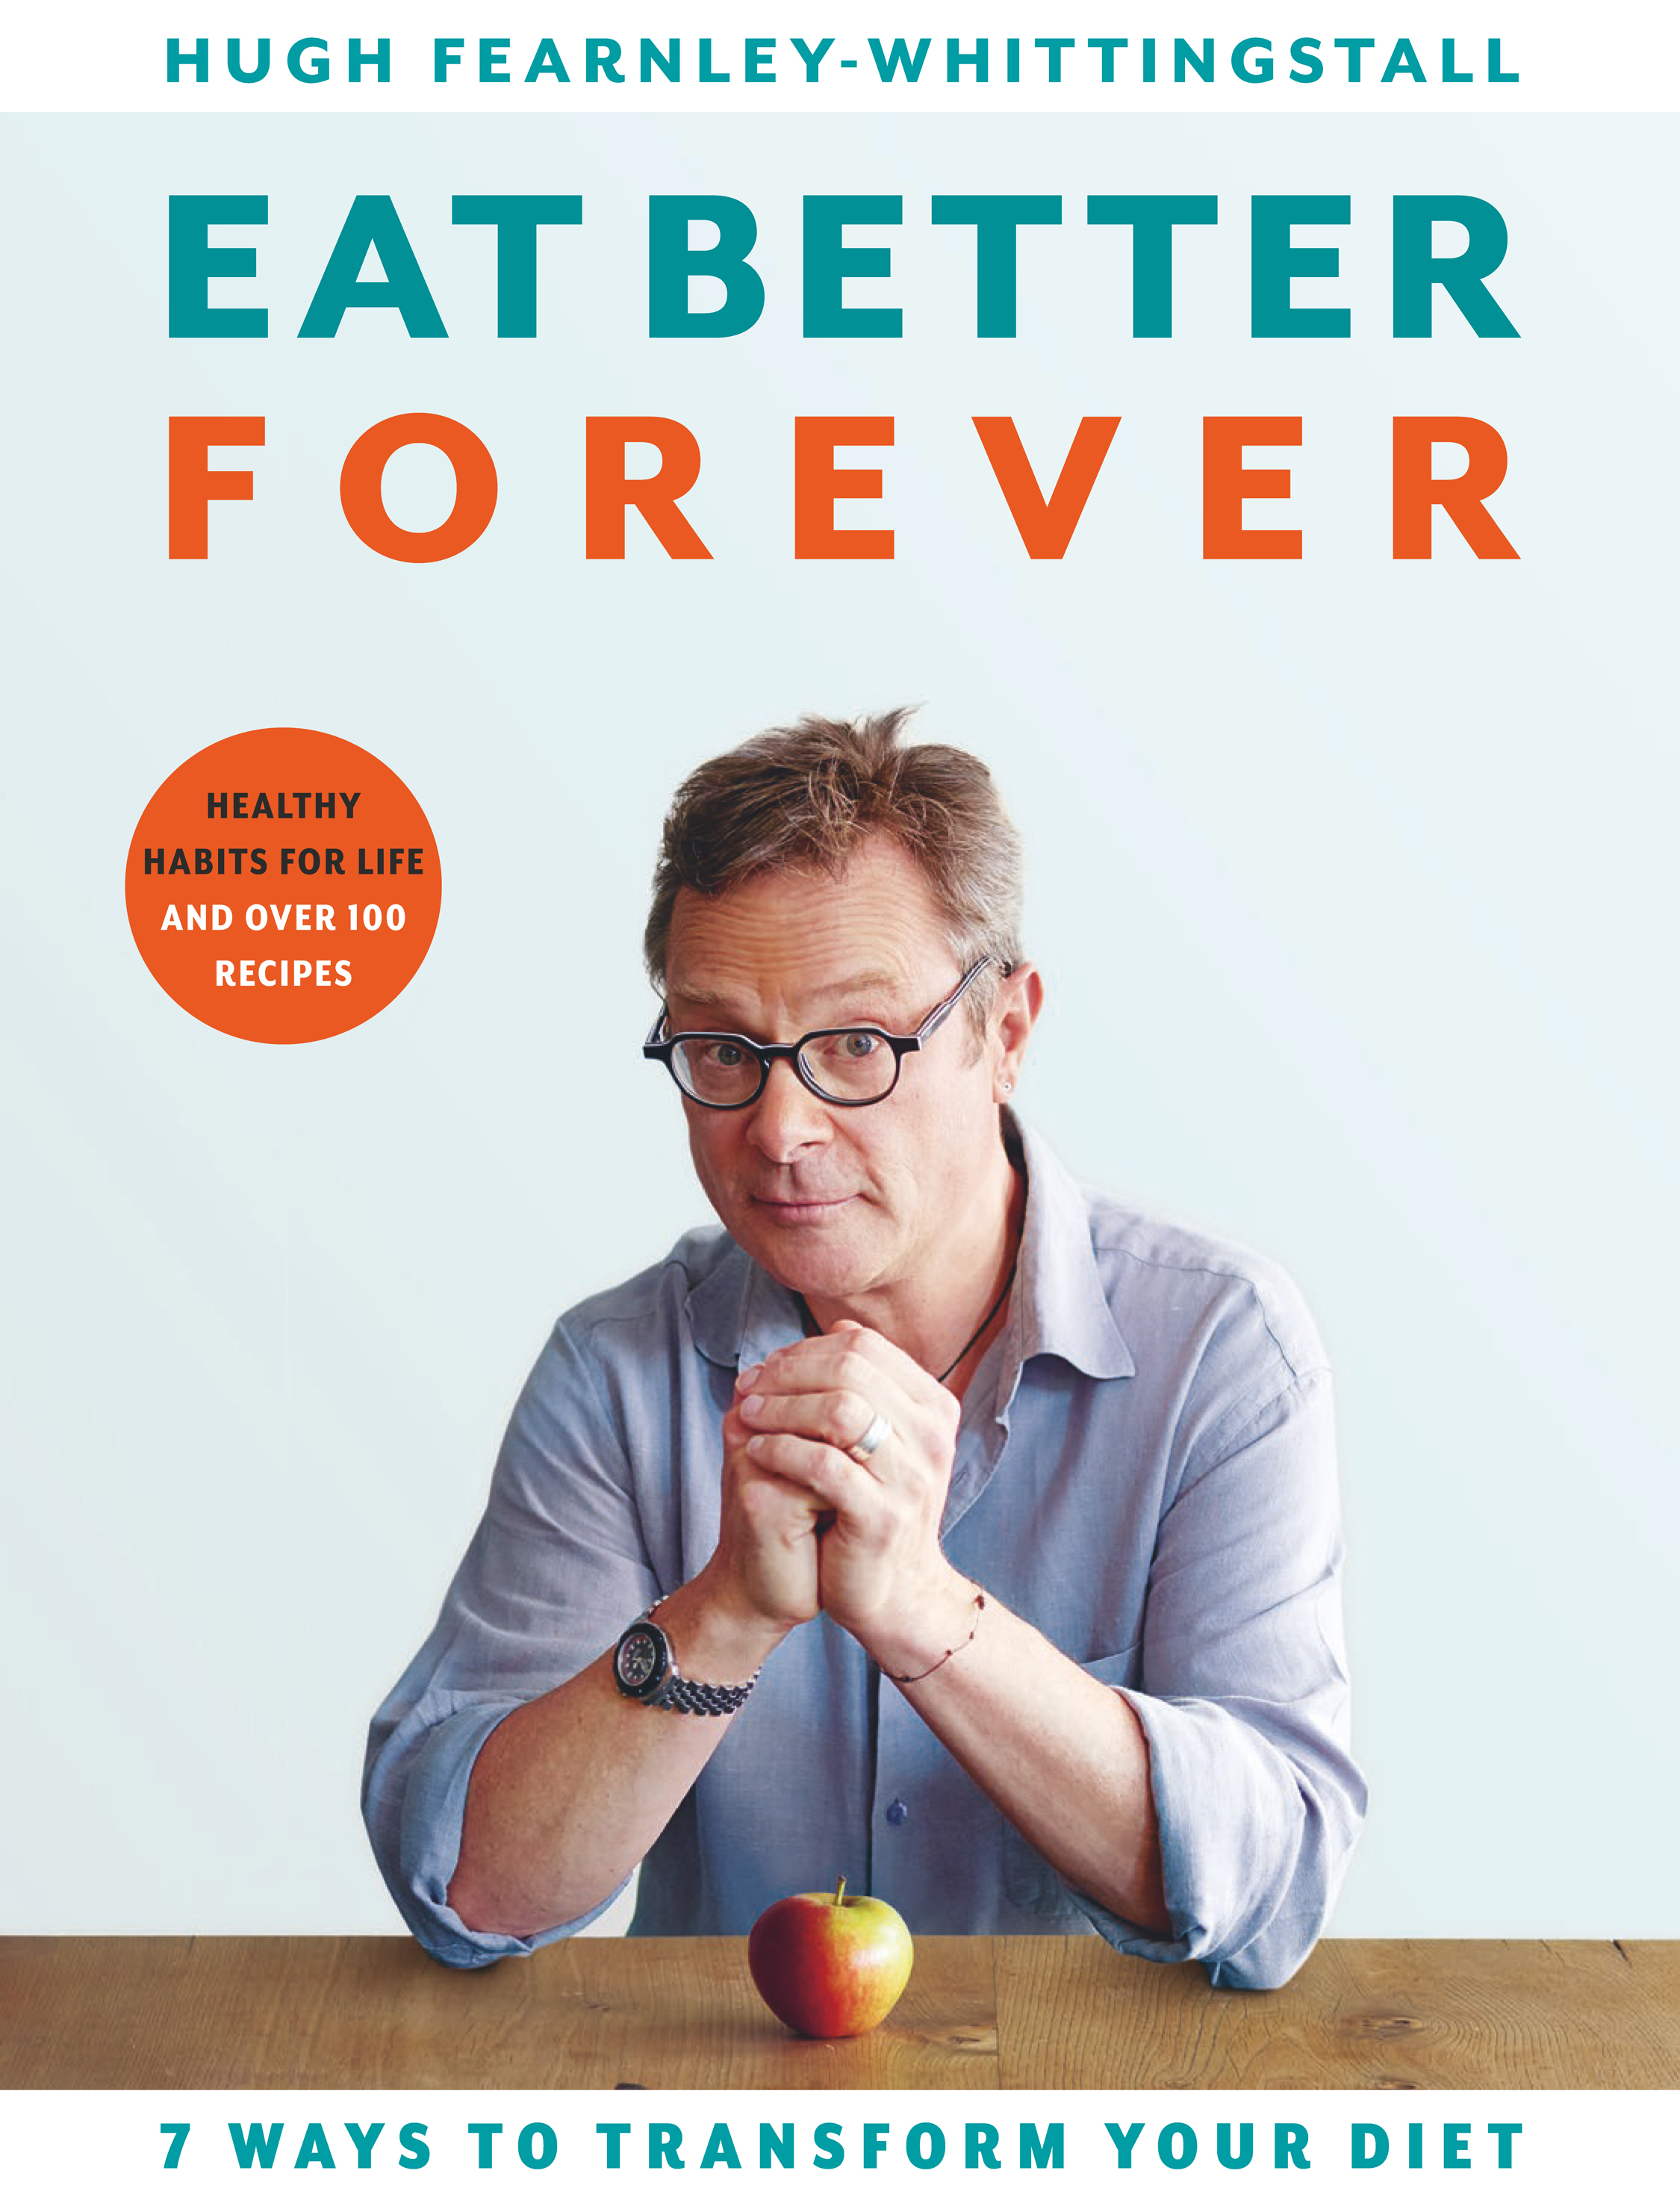 Eat Better Forever by Hugh Fearnley-Whittingstall